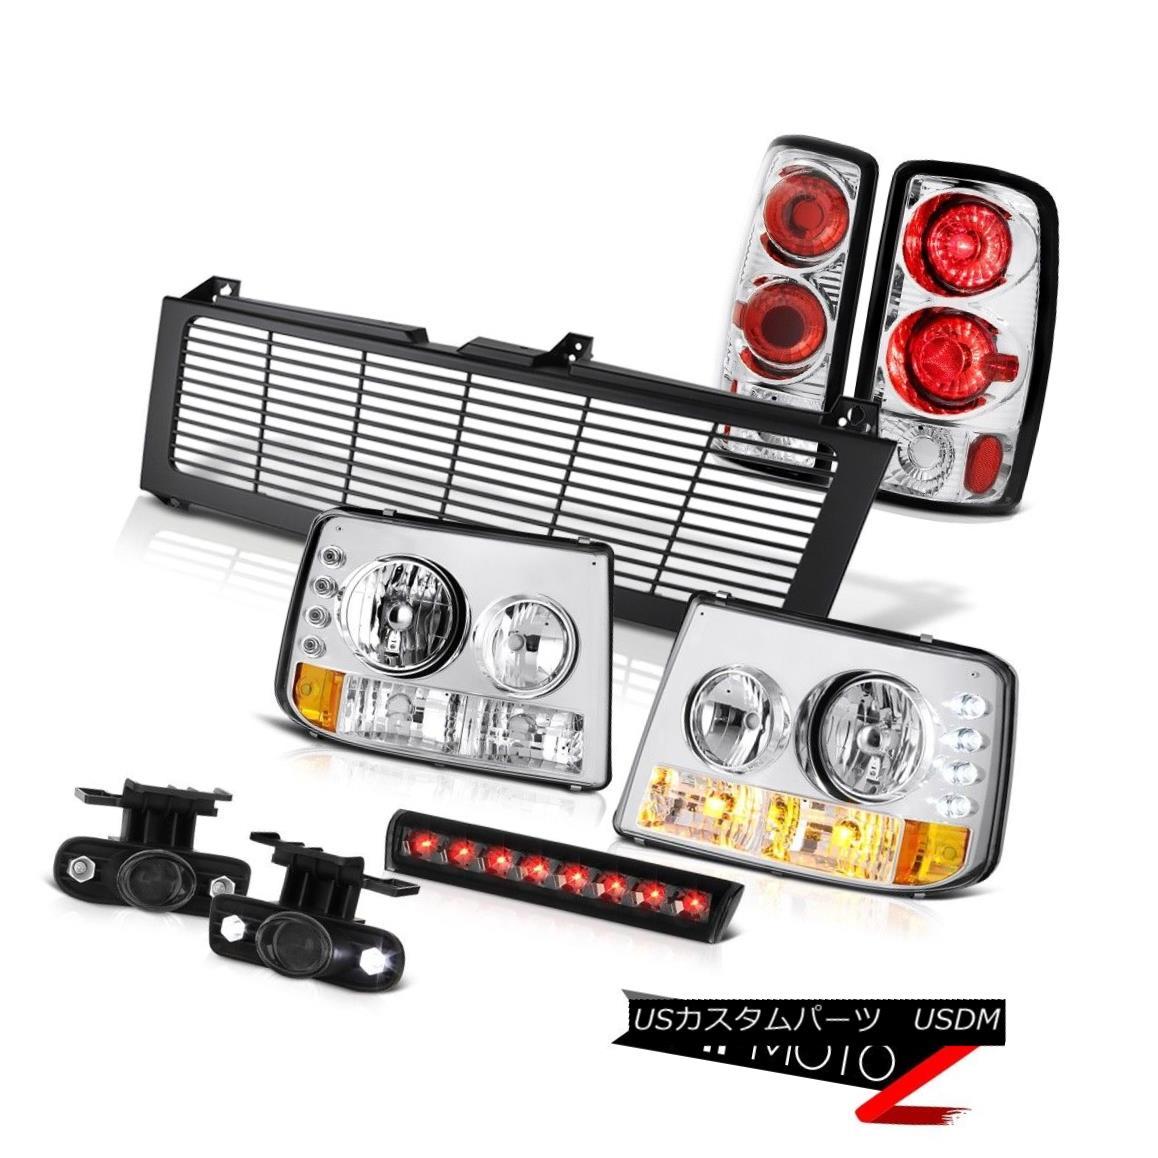 テールライト Parking Headlamps Euro Chrome Taillights Fog High Brake LED Black 2000-06 Tahoe 駐車場ヘッドランプユーロクローム曇り霧高ブレーキLED黒2000-06タホ